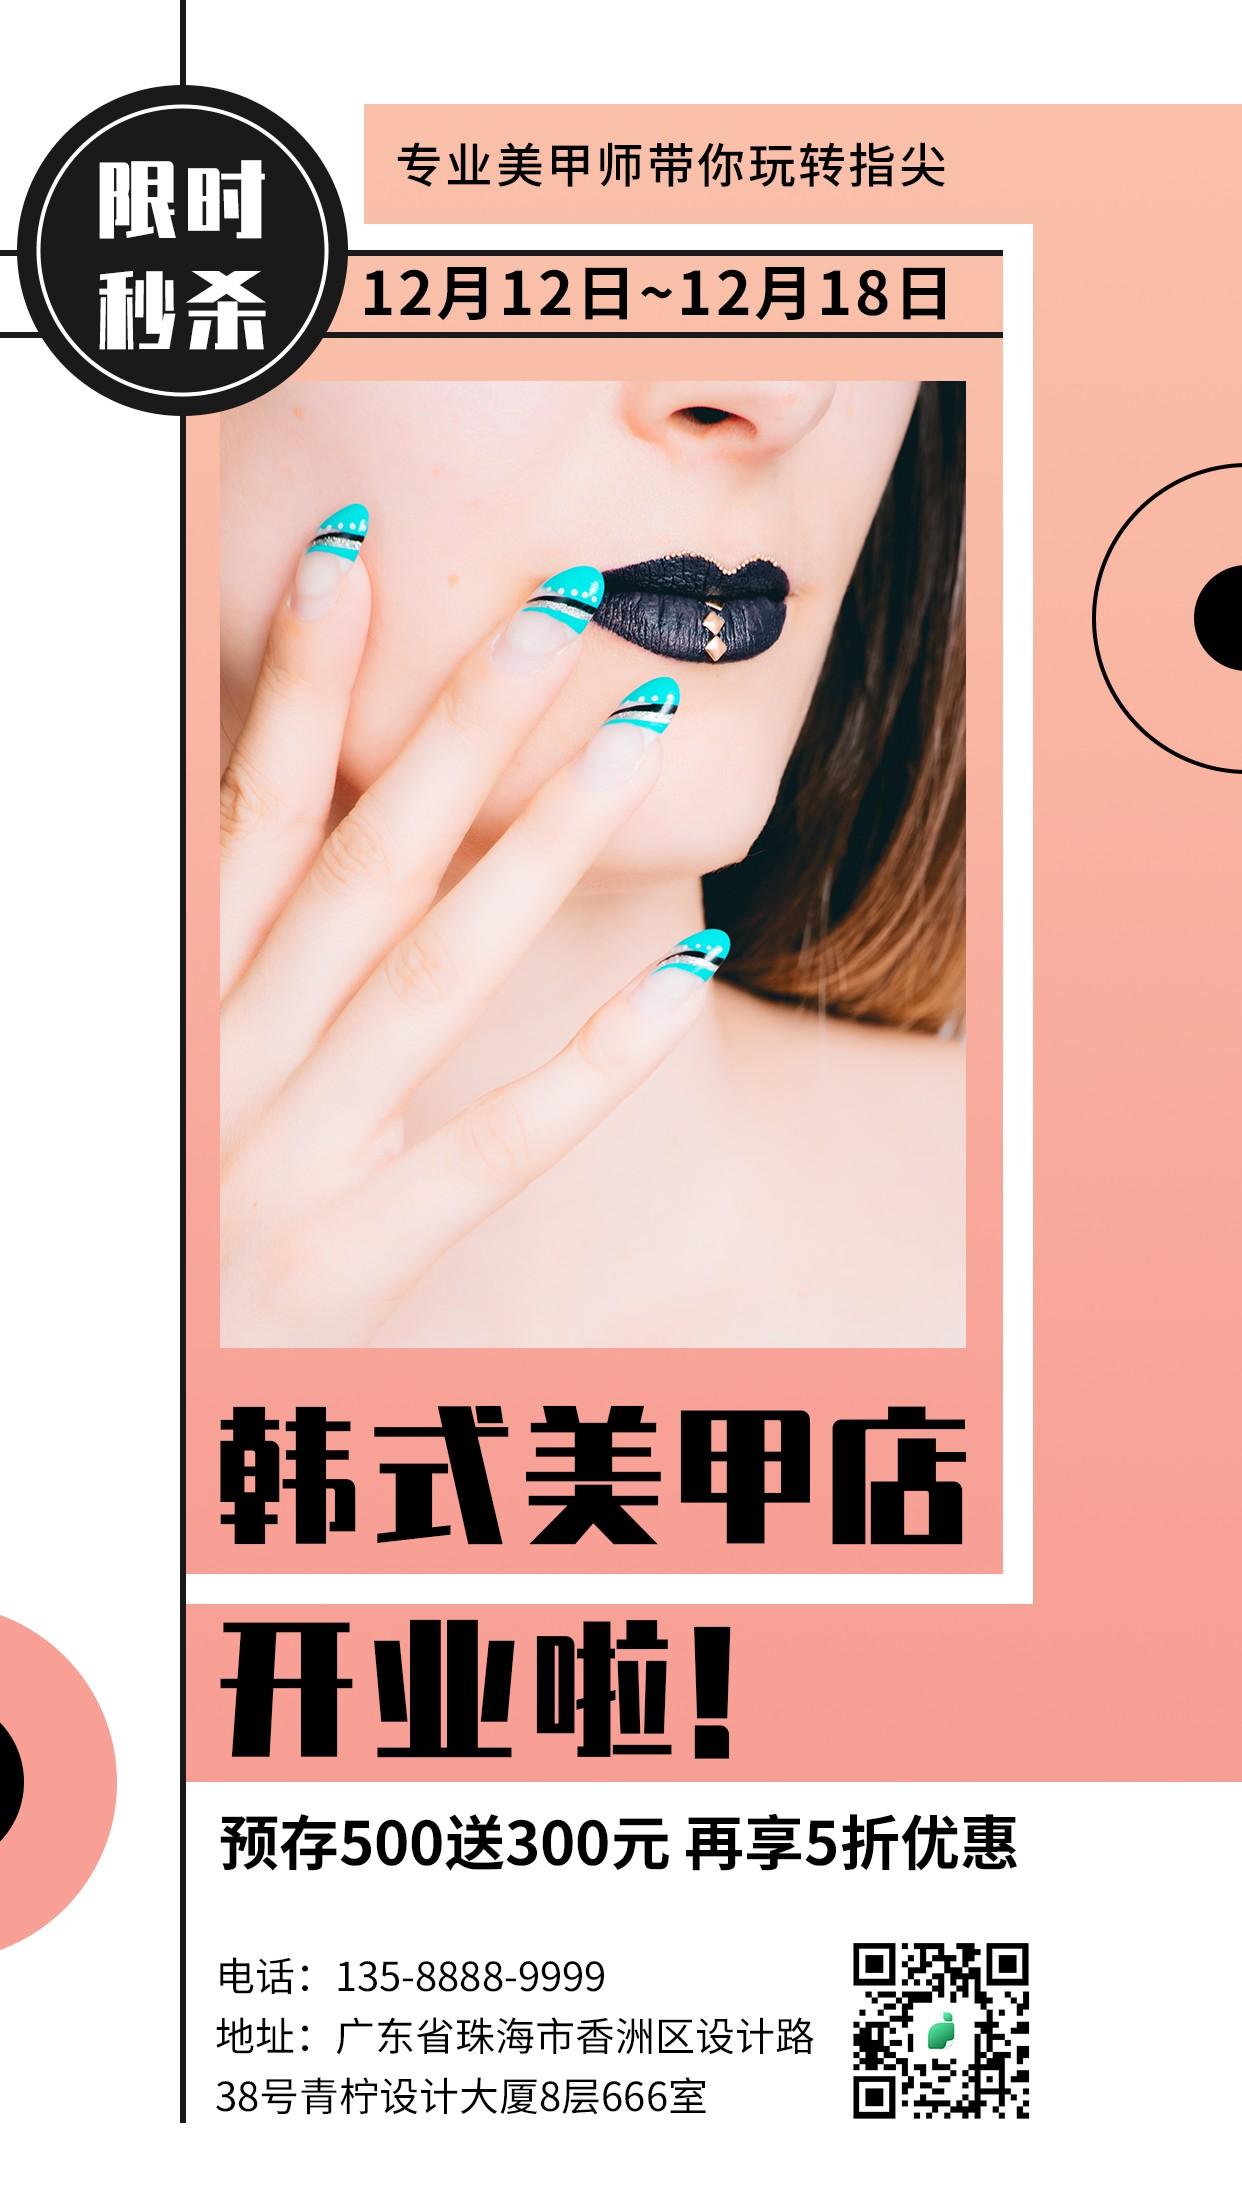 时尚美容美妆优惠手机海报